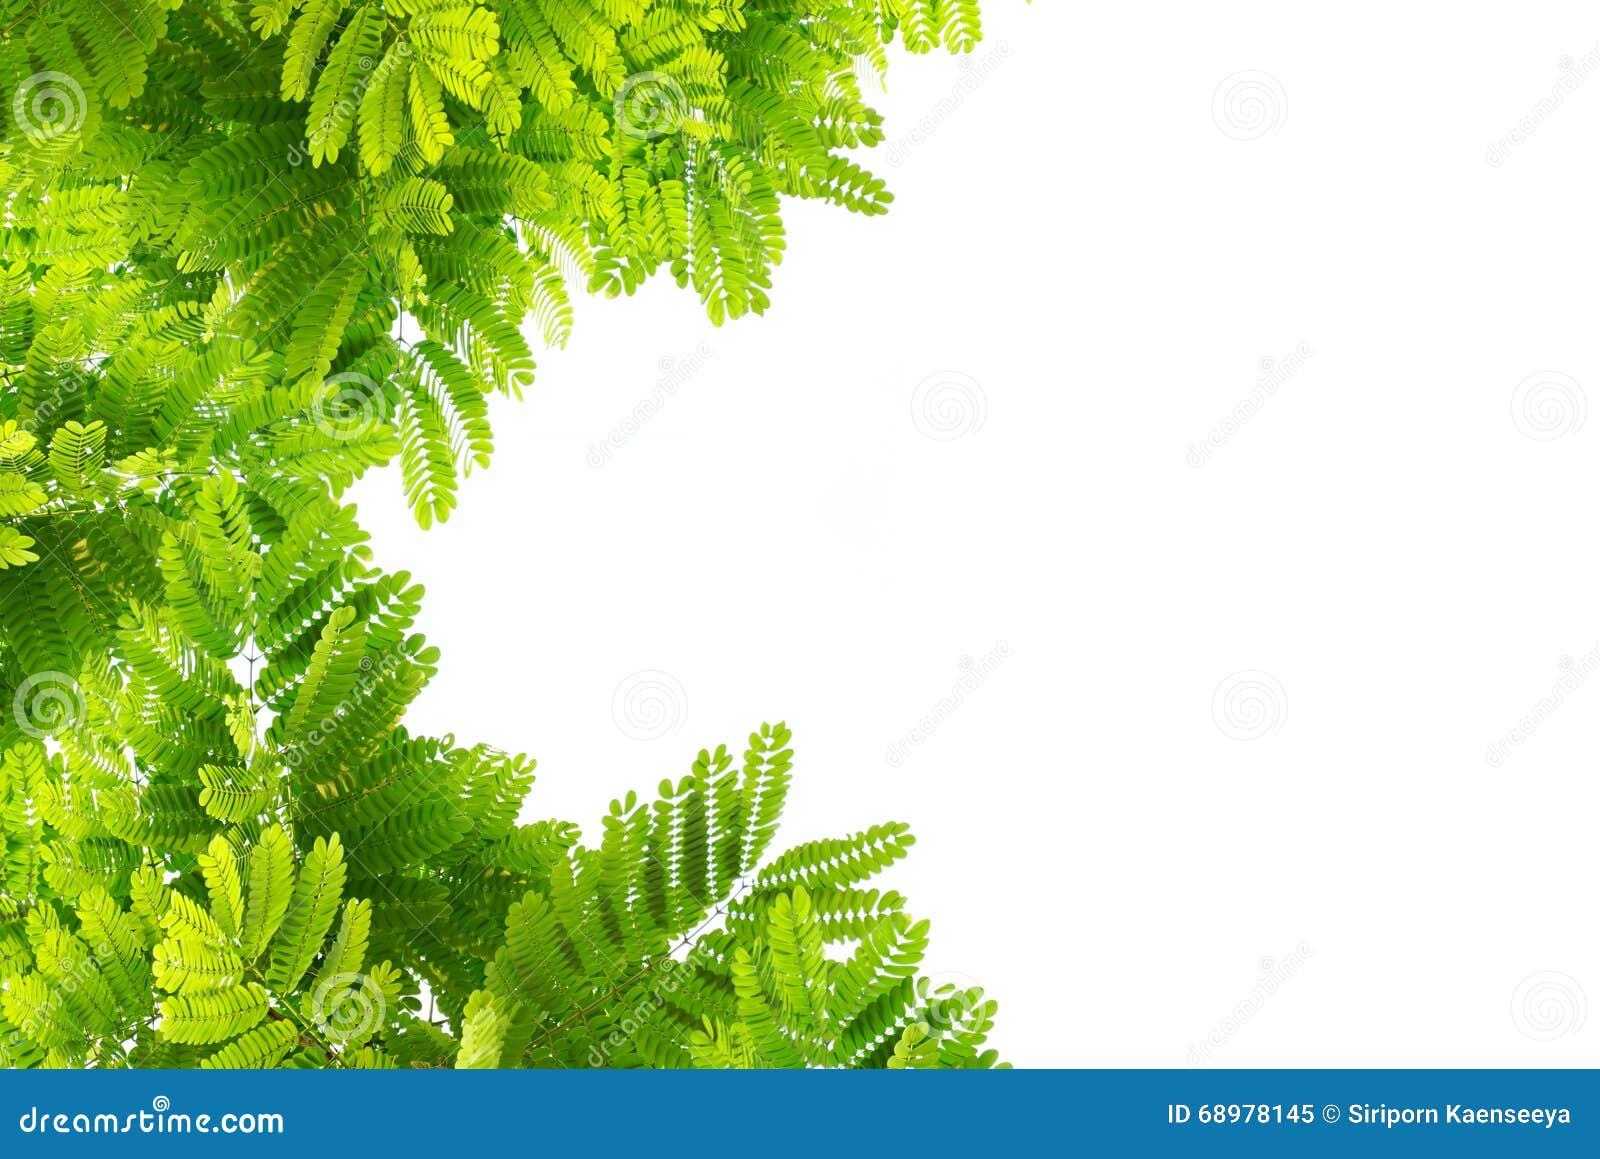 Gräsplan lämnar naturen på den vita isolaten